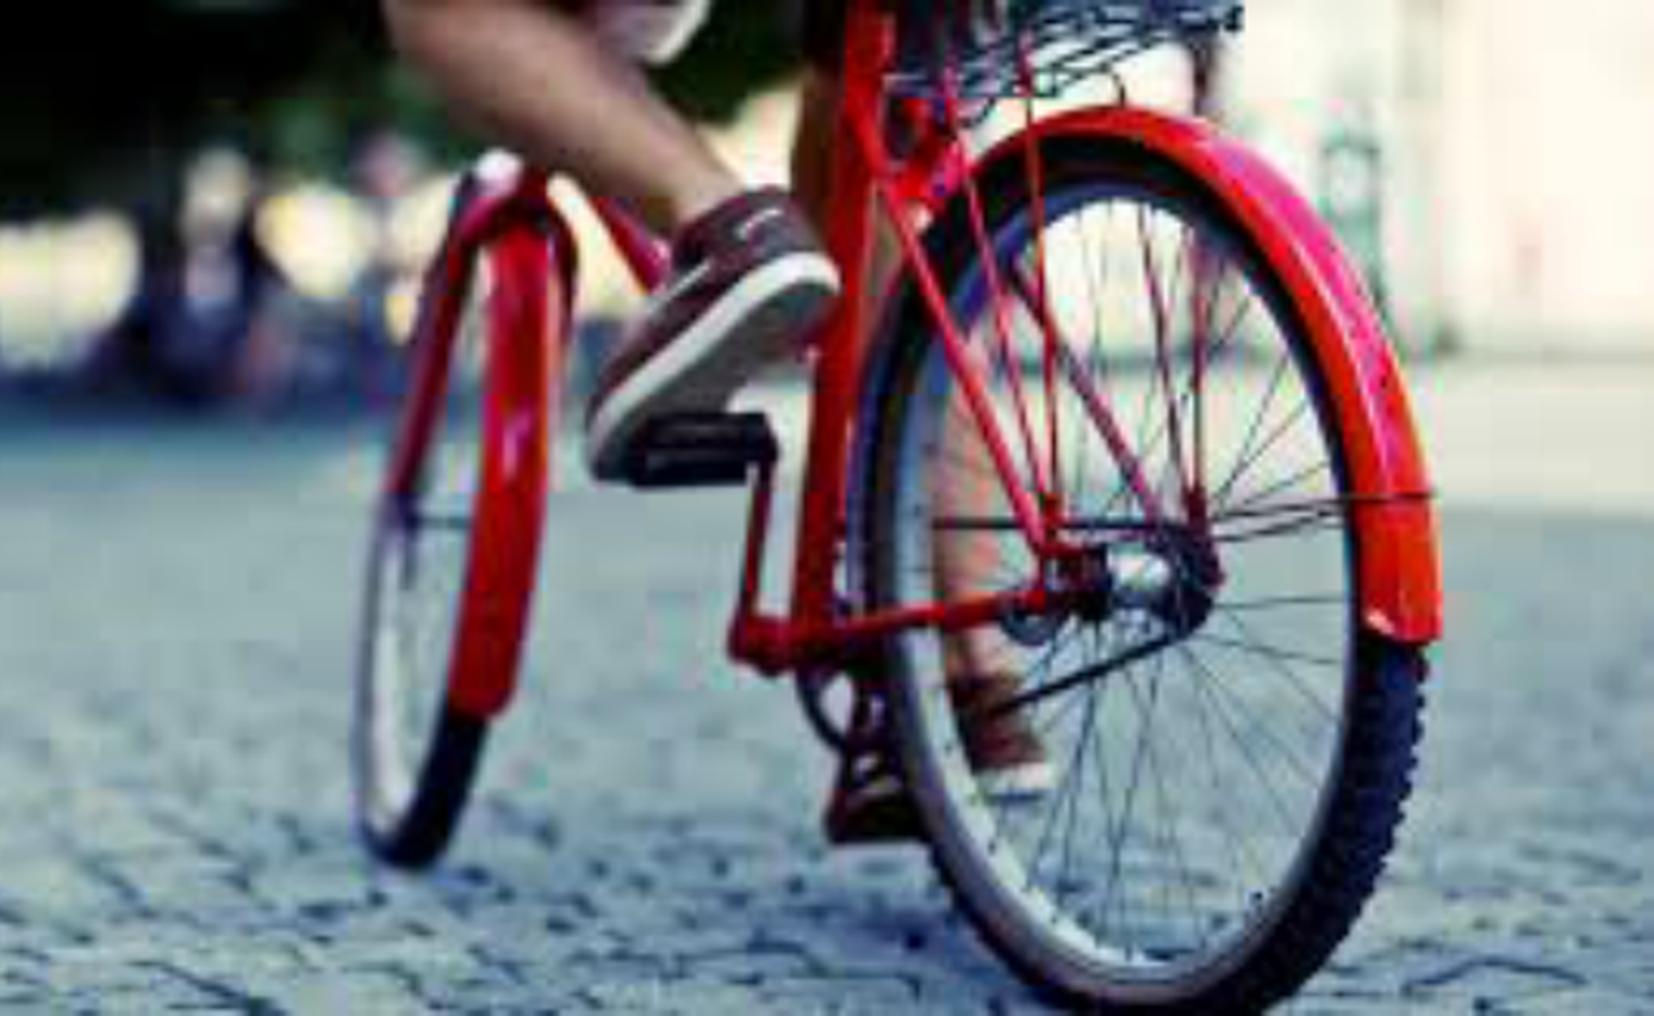 Bicicleta, opción ideal para la movilidad en tiempos de contingencia